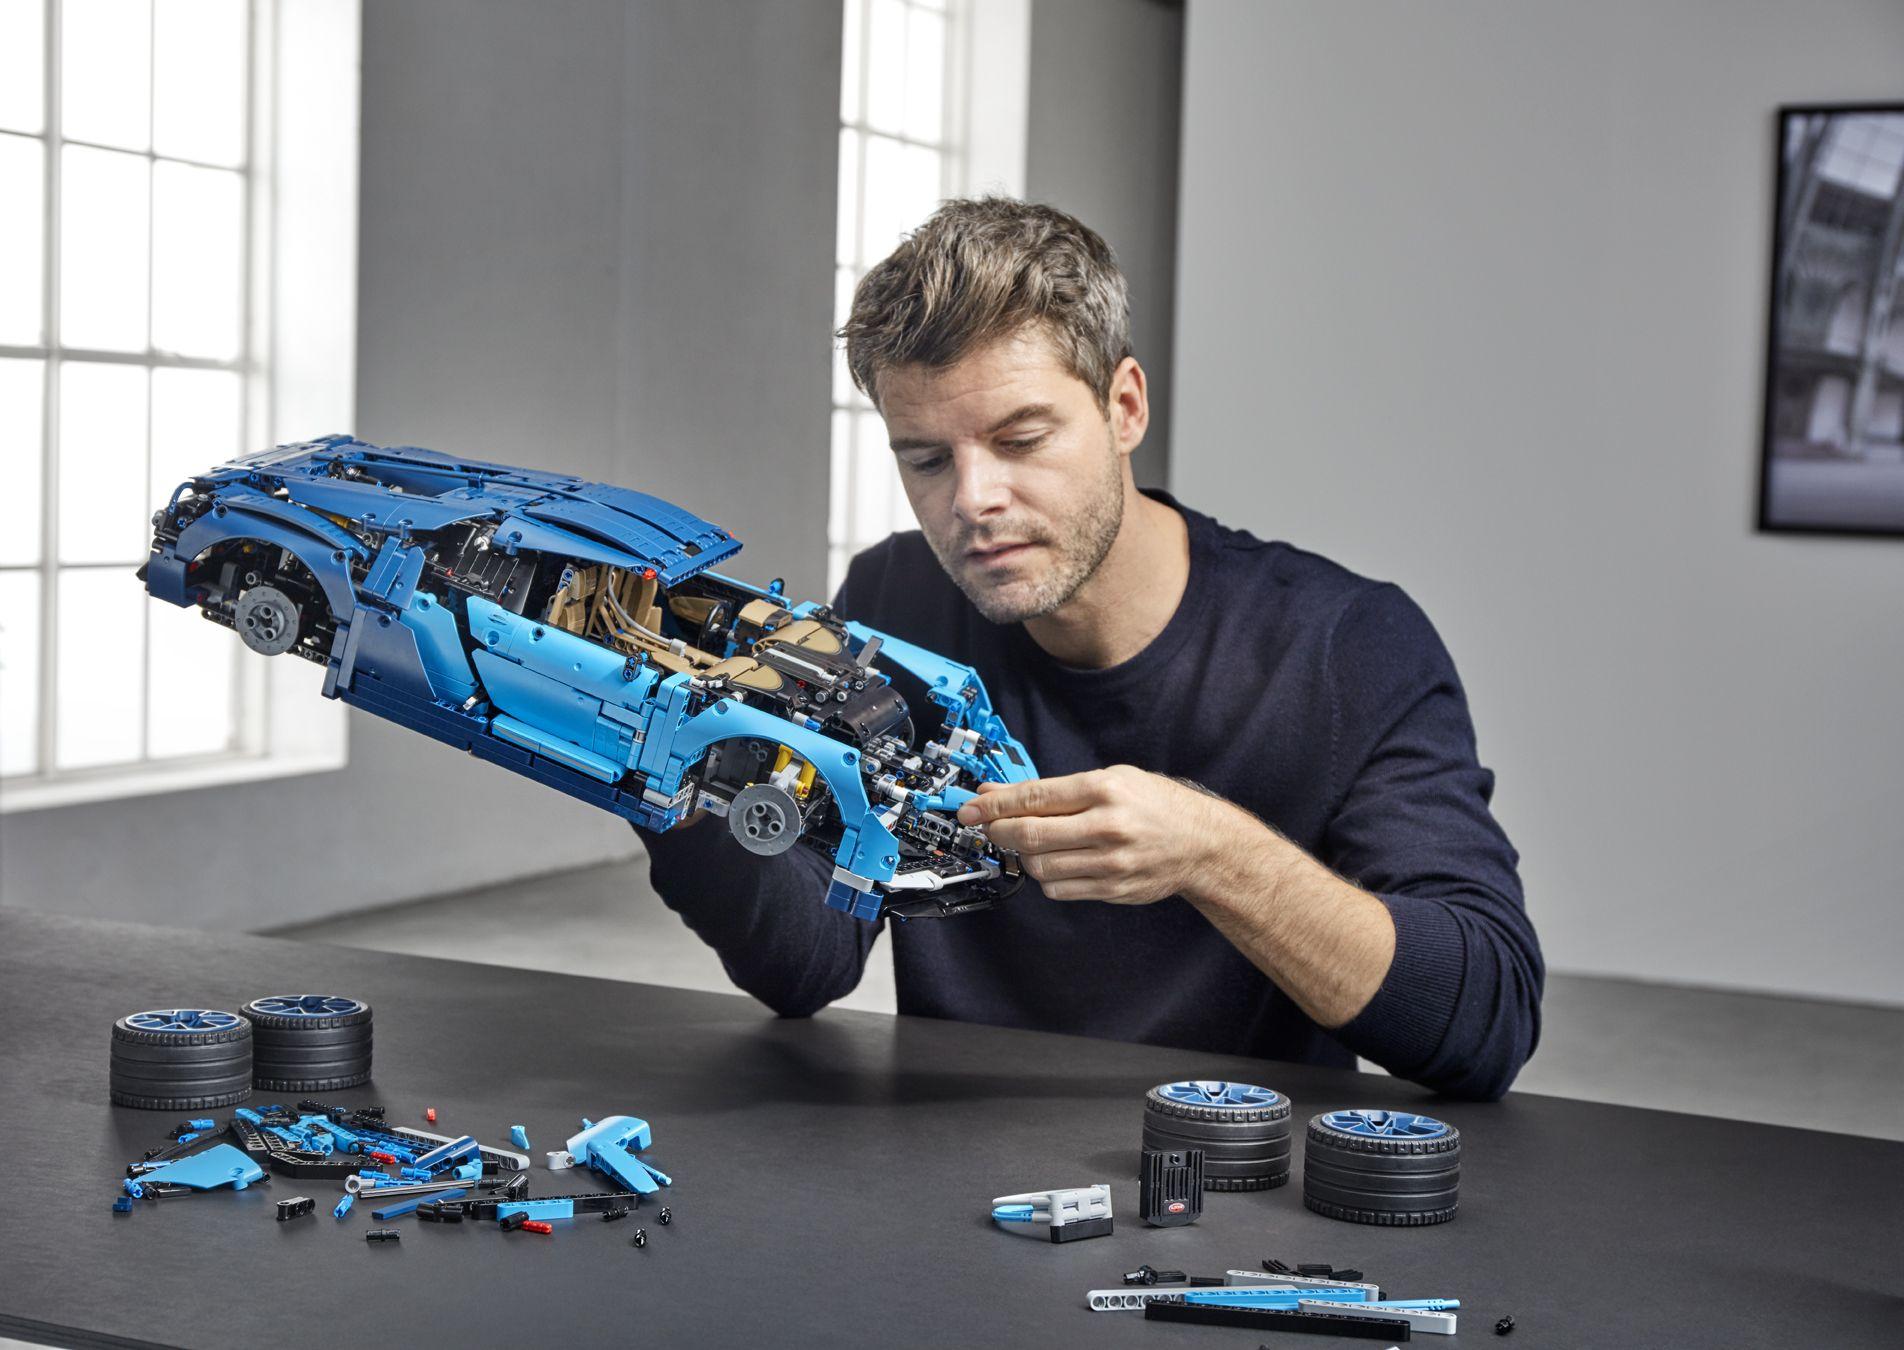 bugatti-chiron-lego-technic-28